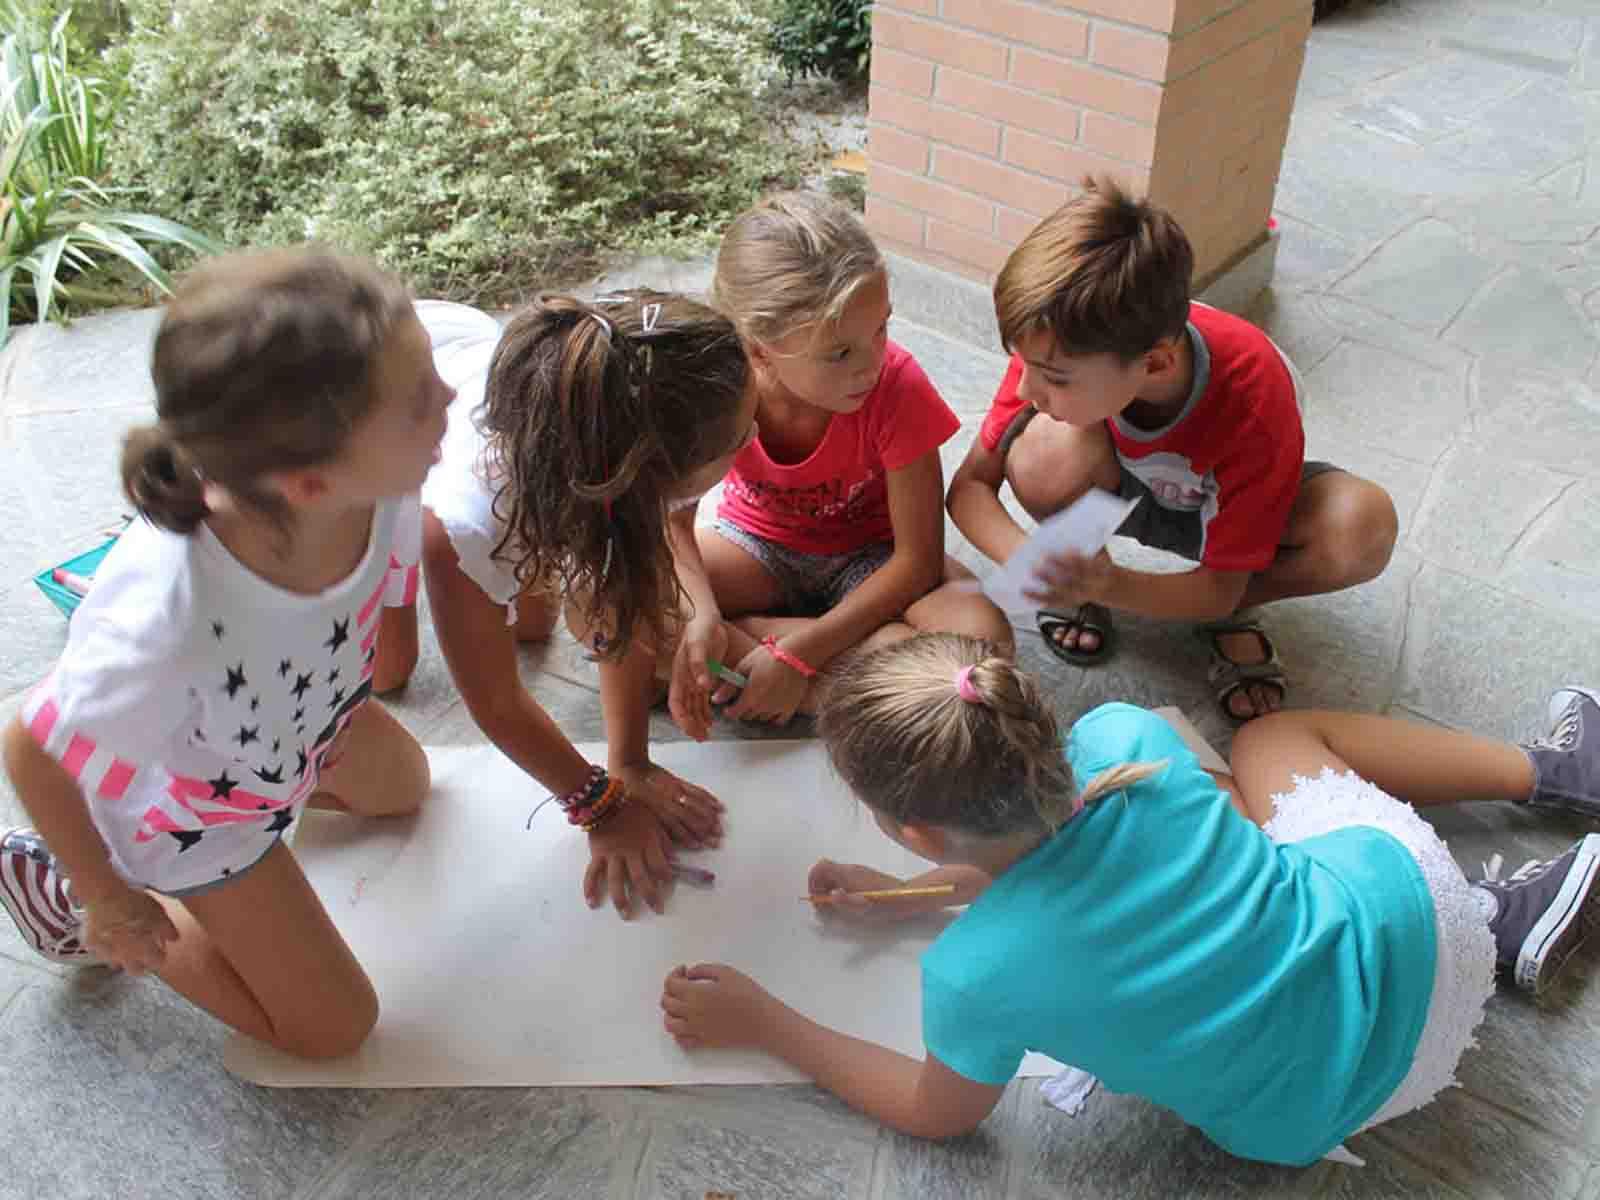 Giochi con quiz in durante un'animazione per bambini a Vimercate